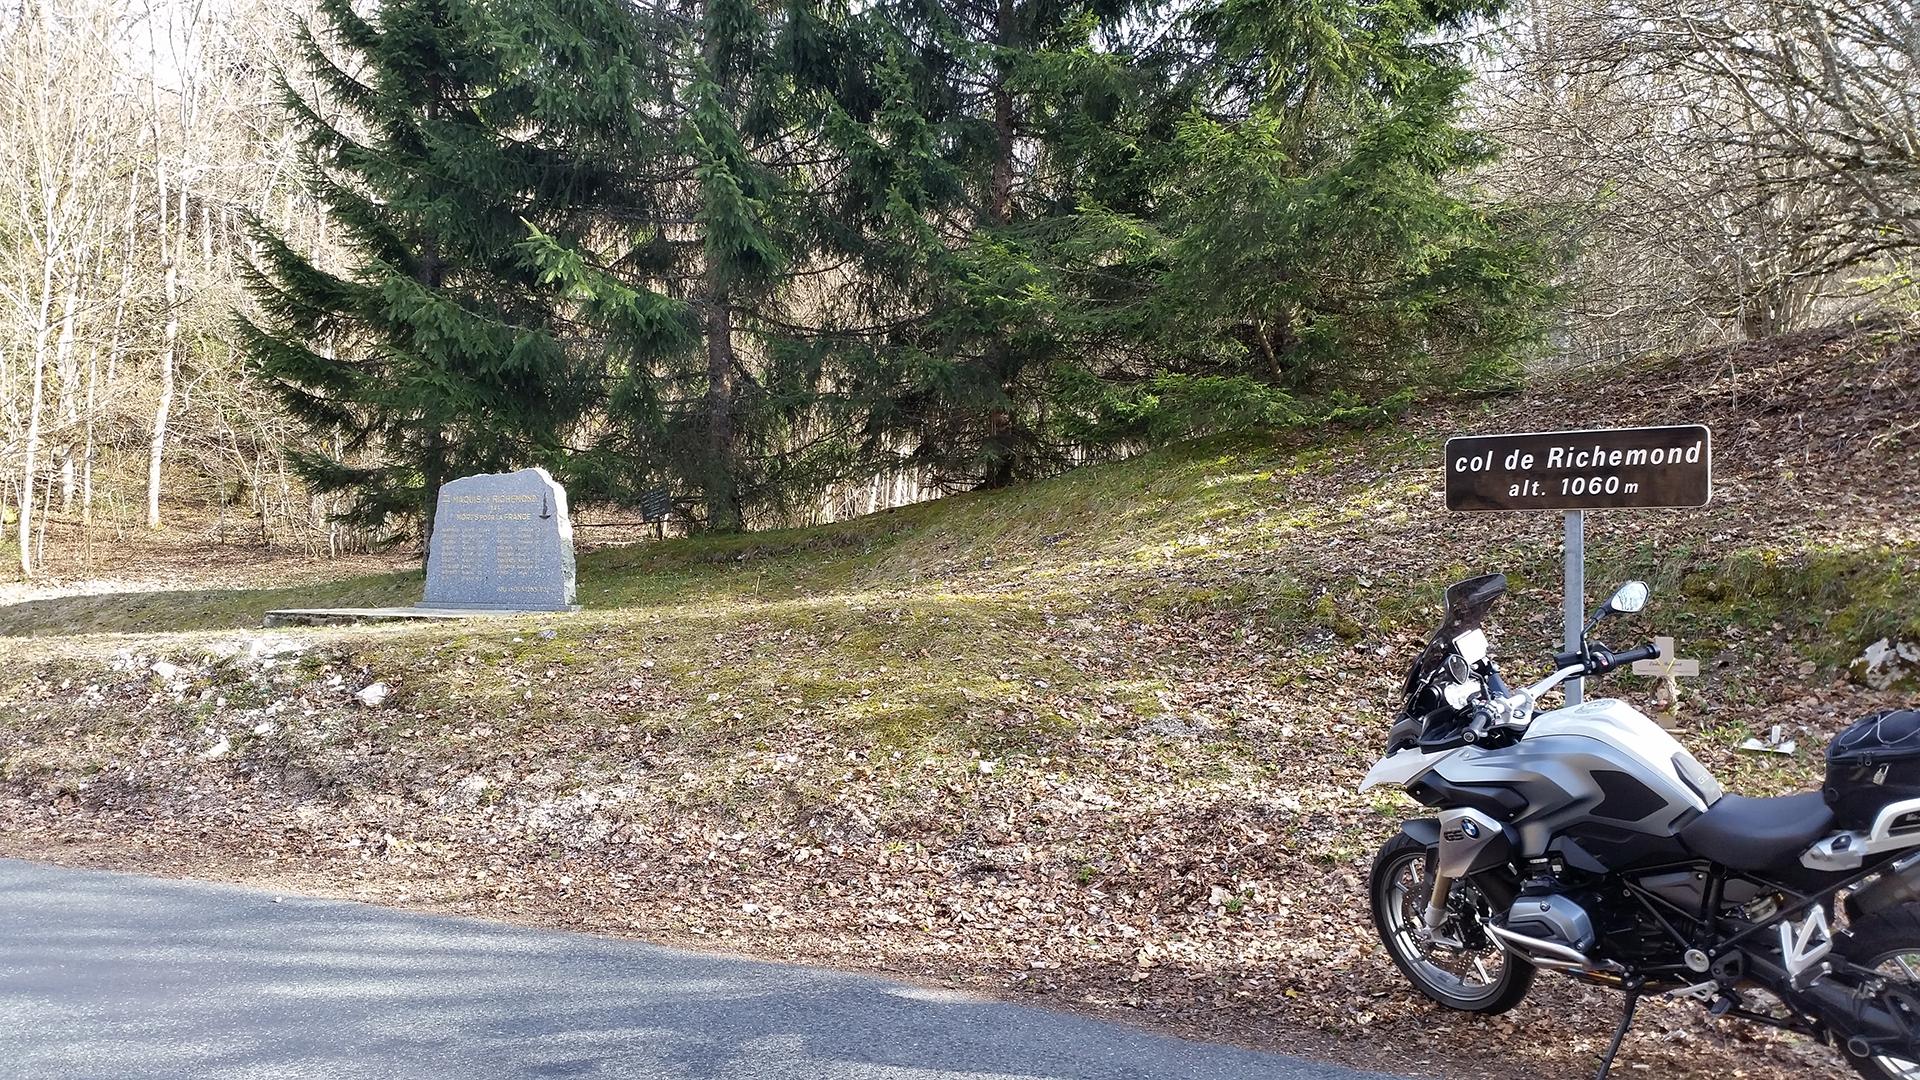 1060 - F - Col de Richemont